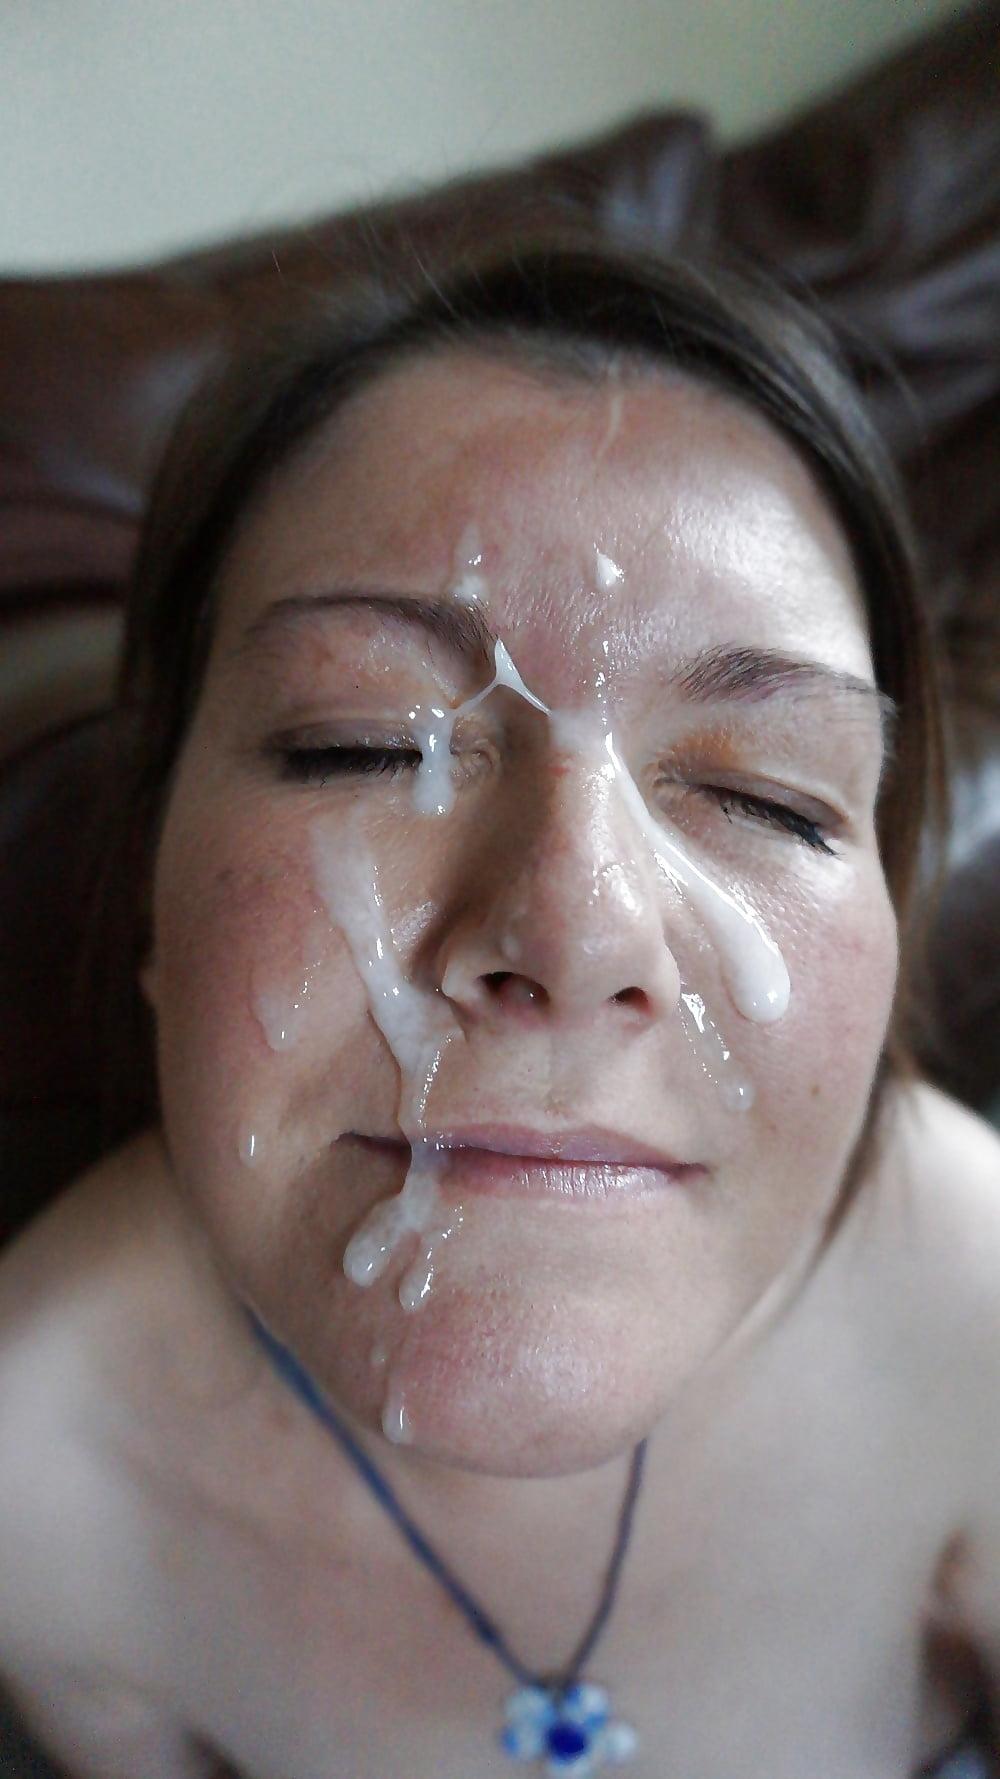 Sie Will Sein Sperma Ins Gesicht